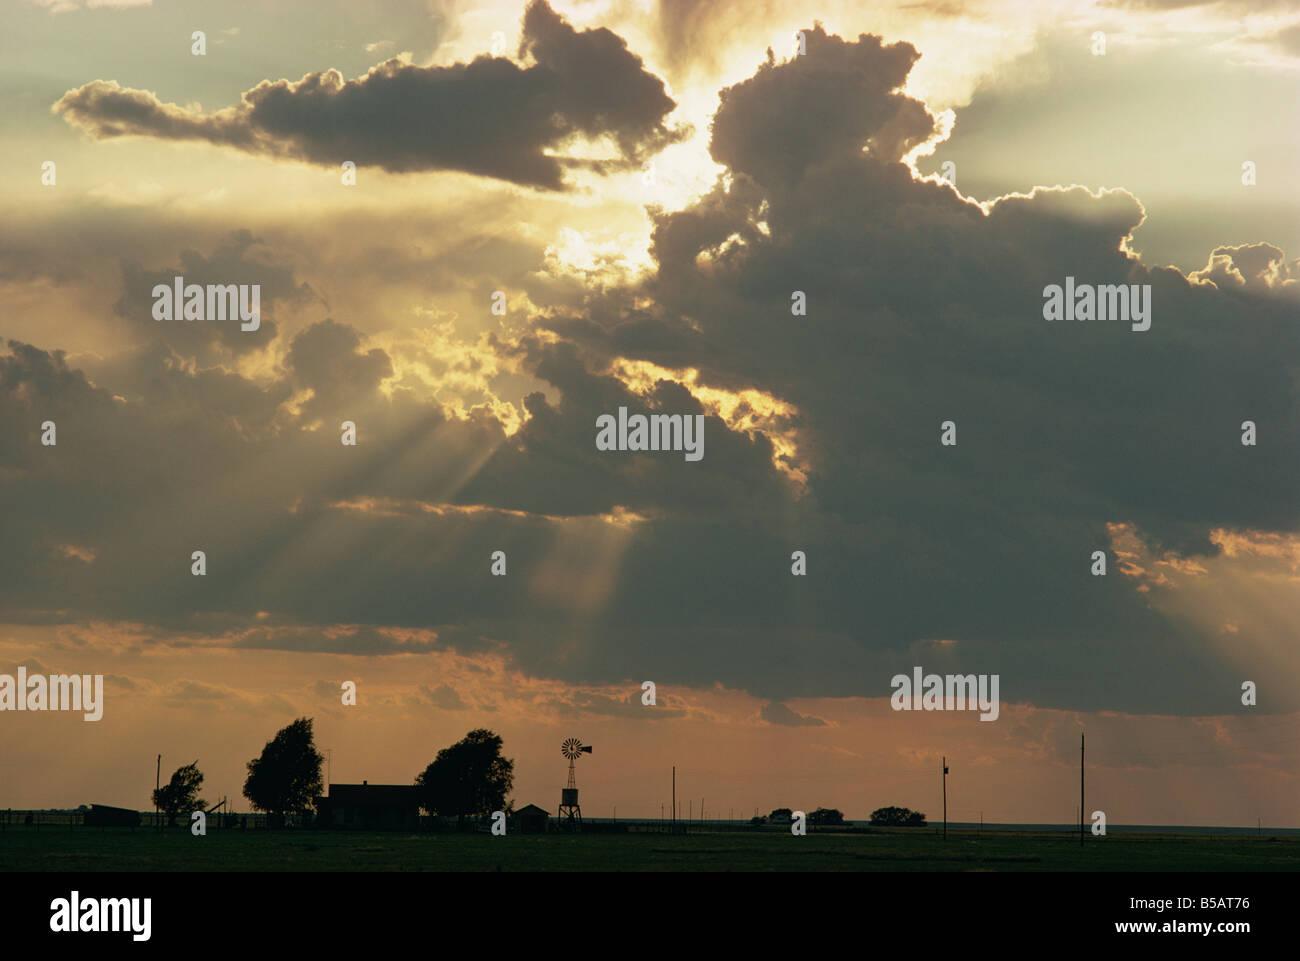 Rayons de soleil paysage lumière de derrière les nuages imposants sombre Photo Stock